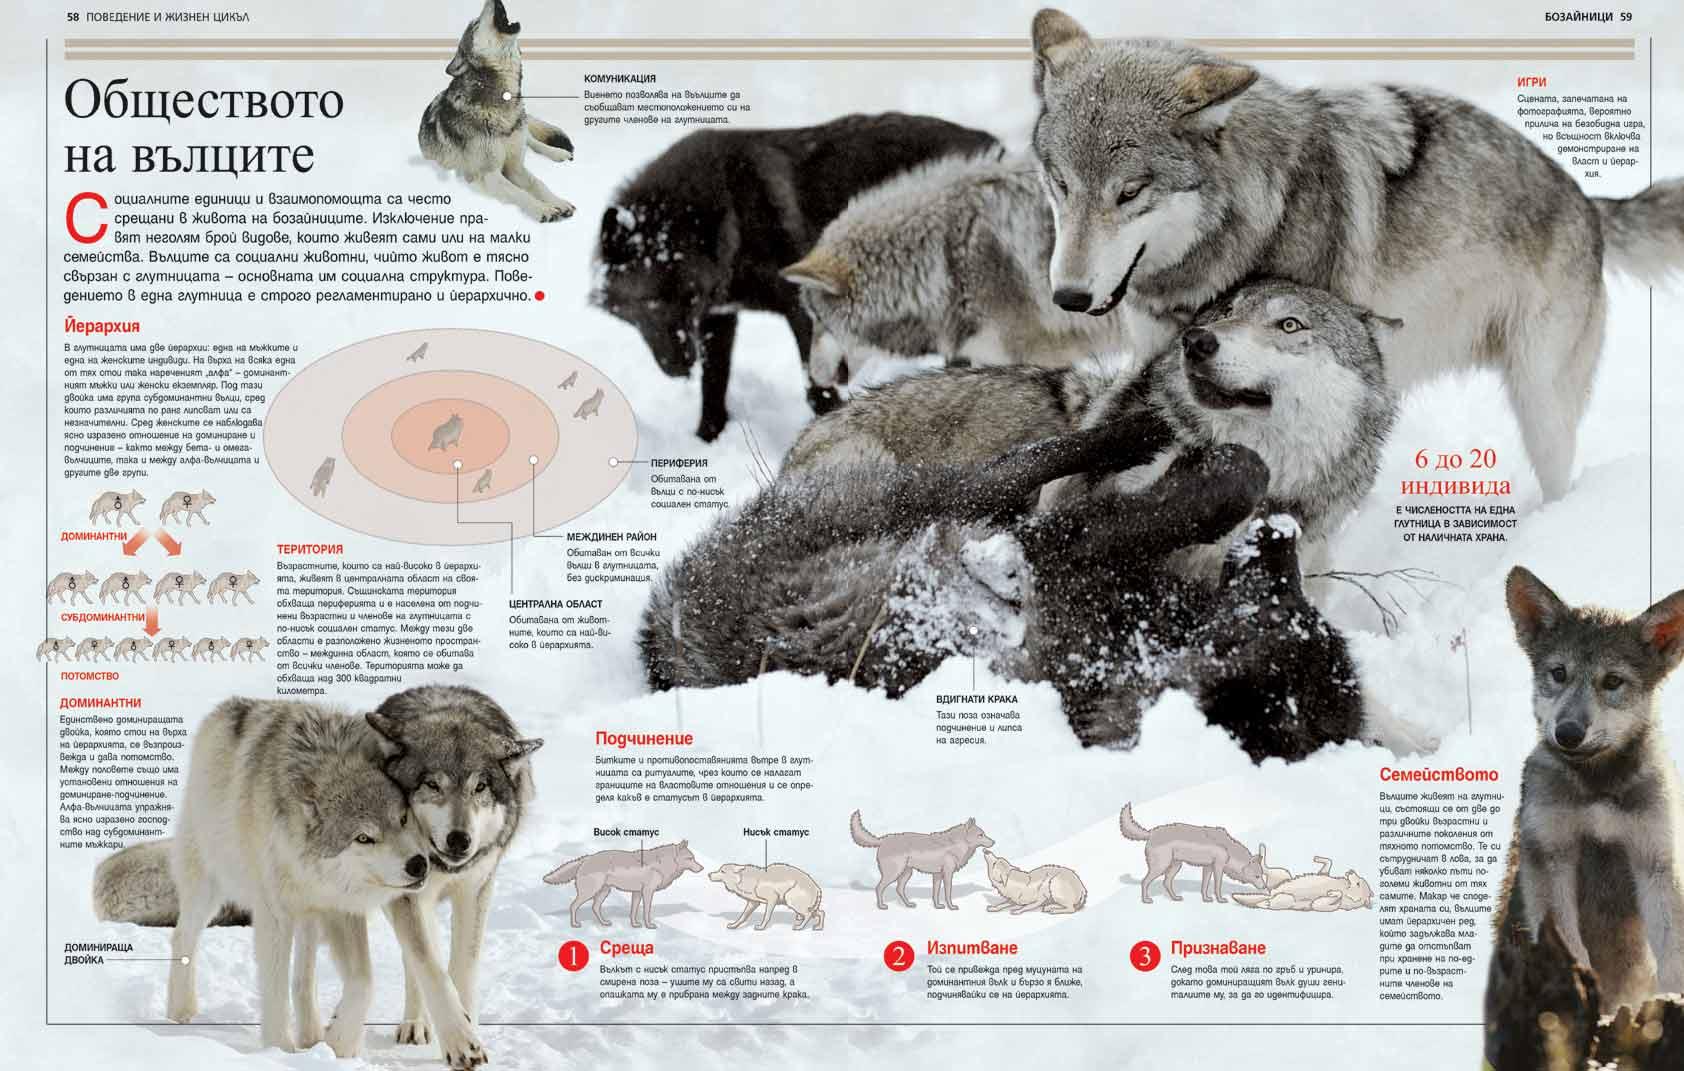 http://image.nauka.bg/bio/zoo/mammals-britannica2.jpg